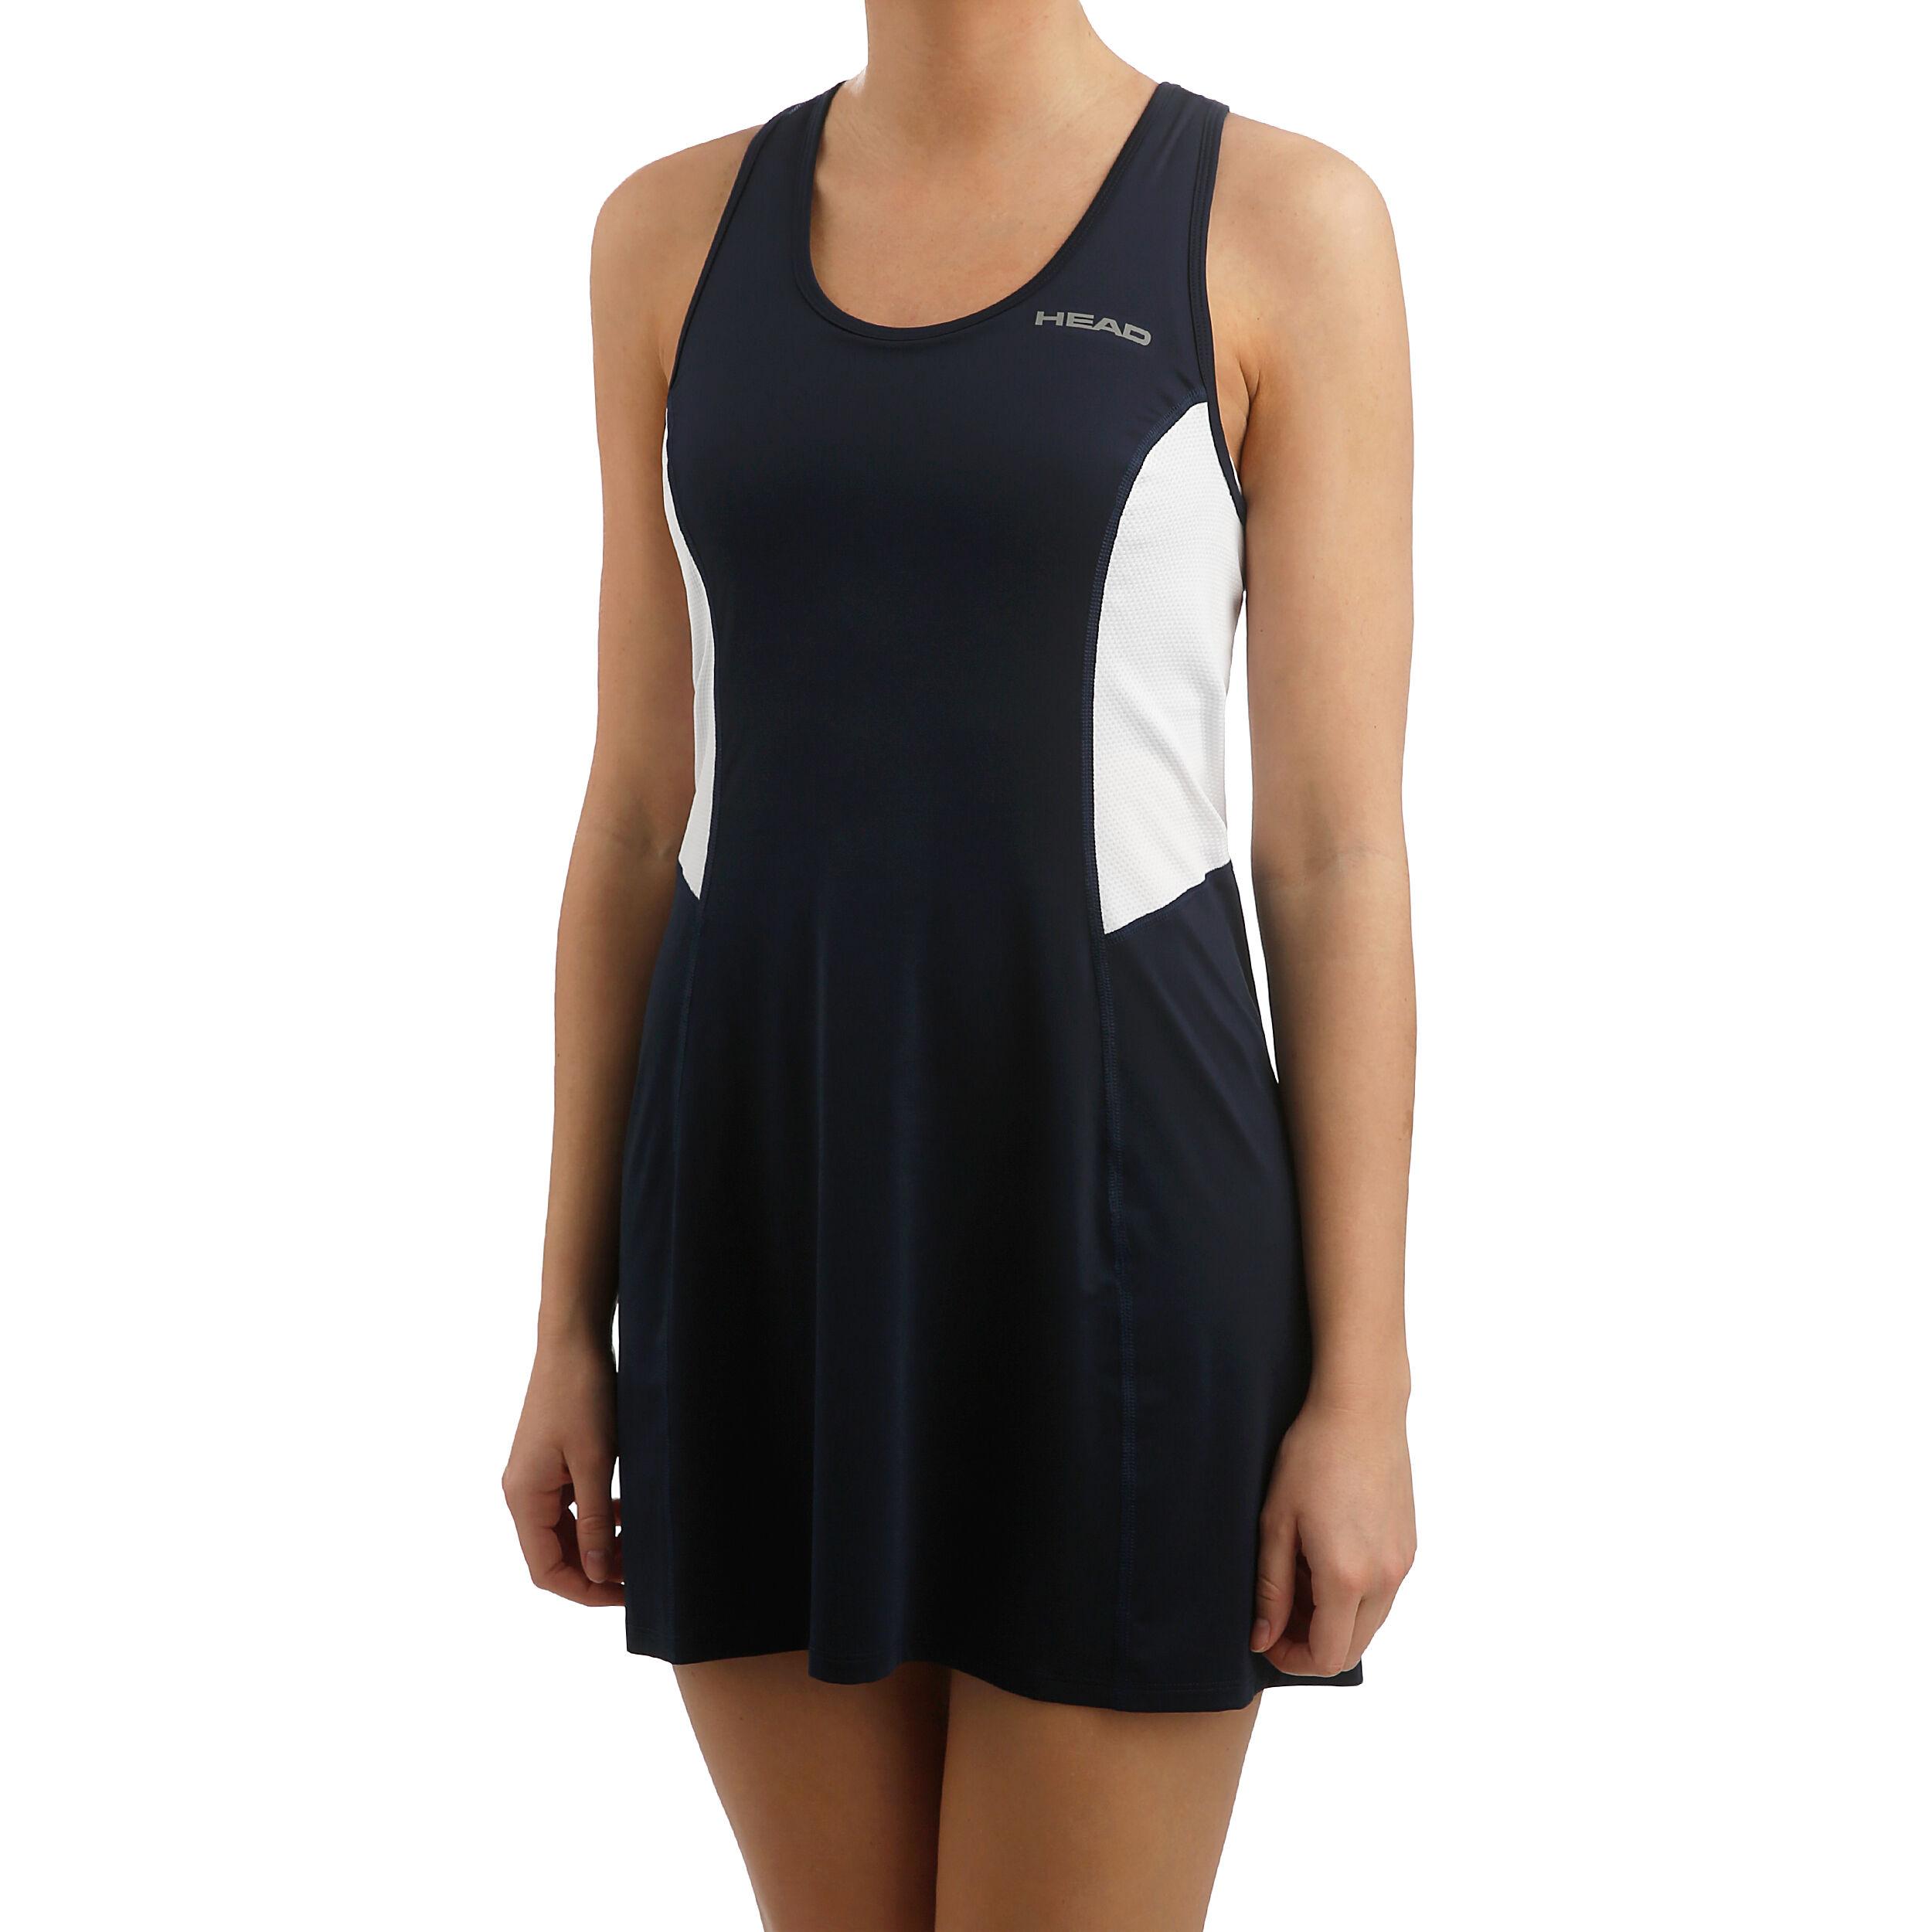 Vêtements de tennis de HEAD acheter en ligne | Tennis Point